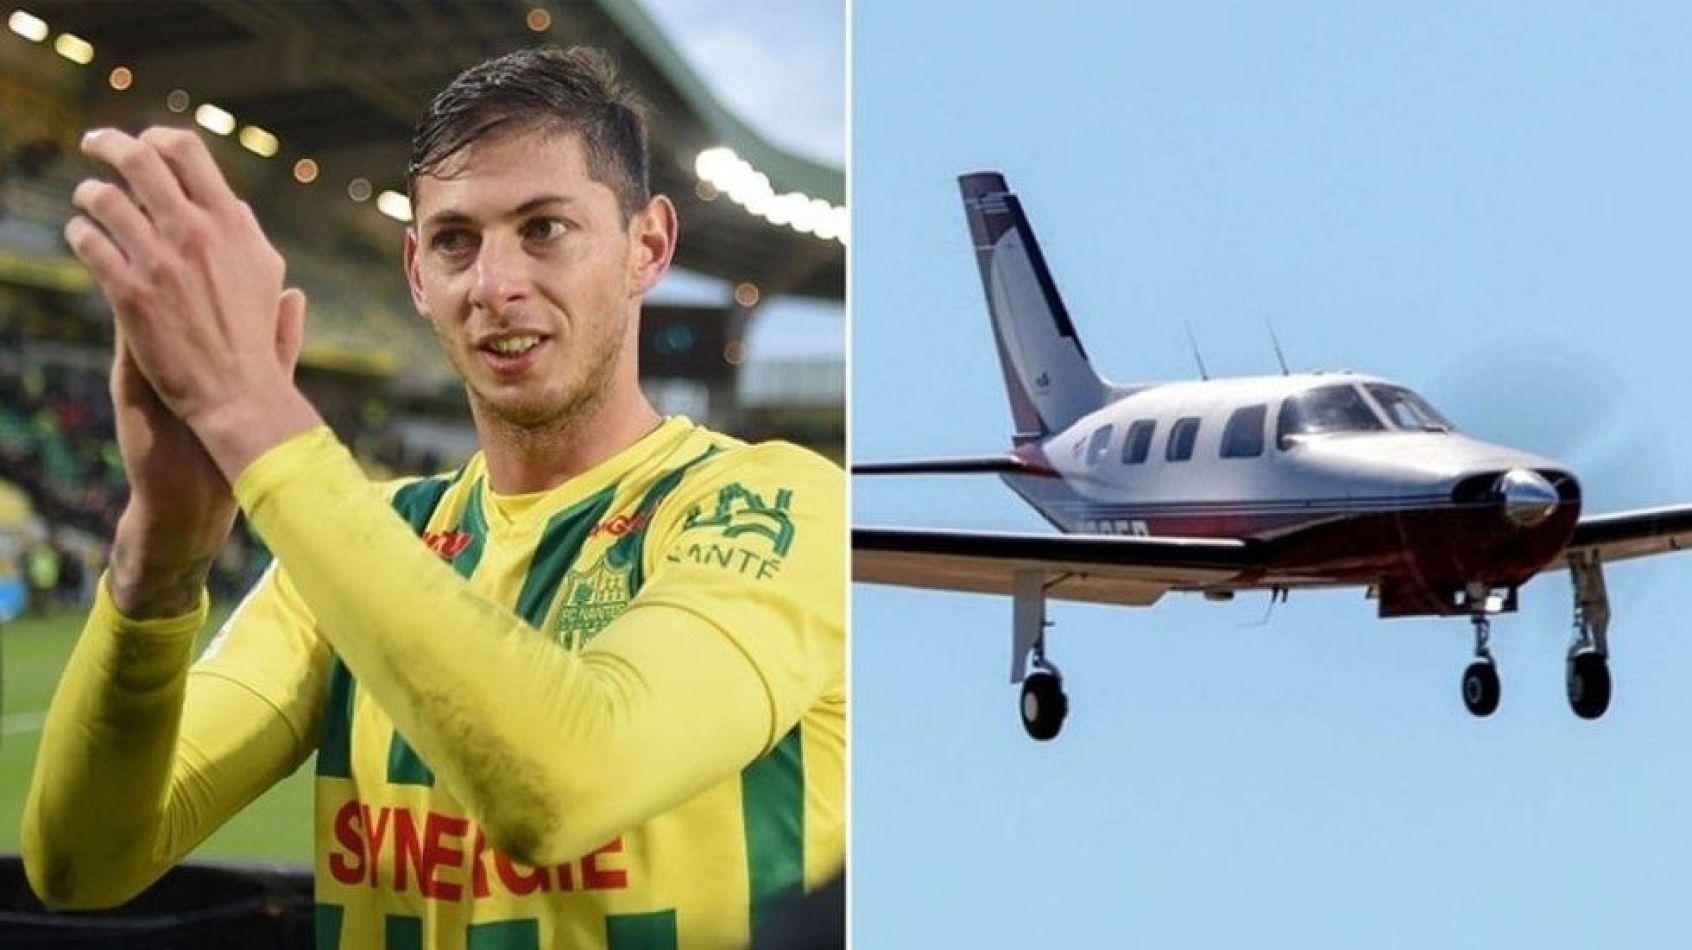 El avión transportaba al piloto David Ibbotson y al futbolista Emiliano Sala en un vuelo que había partido de Nantes con destino hacia Cardiff